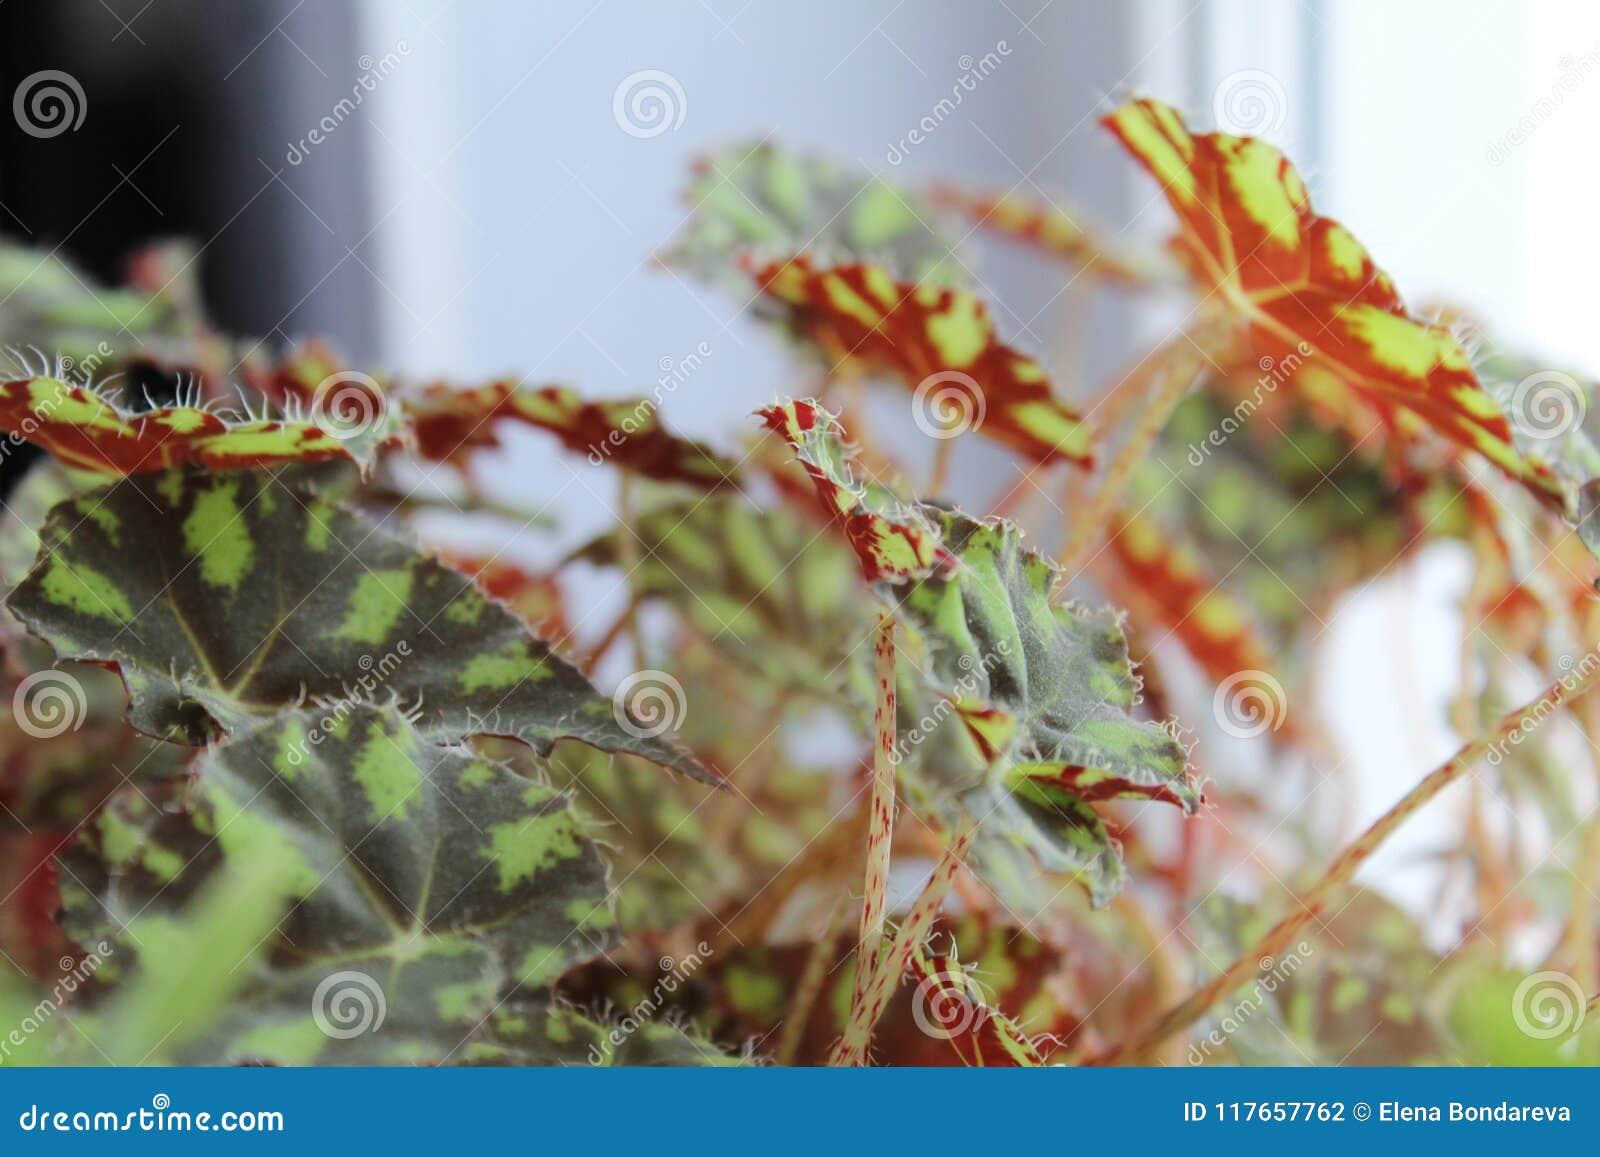 Bégonia de tigre, feuillage de bégonia, plantes d intérieur de Bauer-photo de bégonia